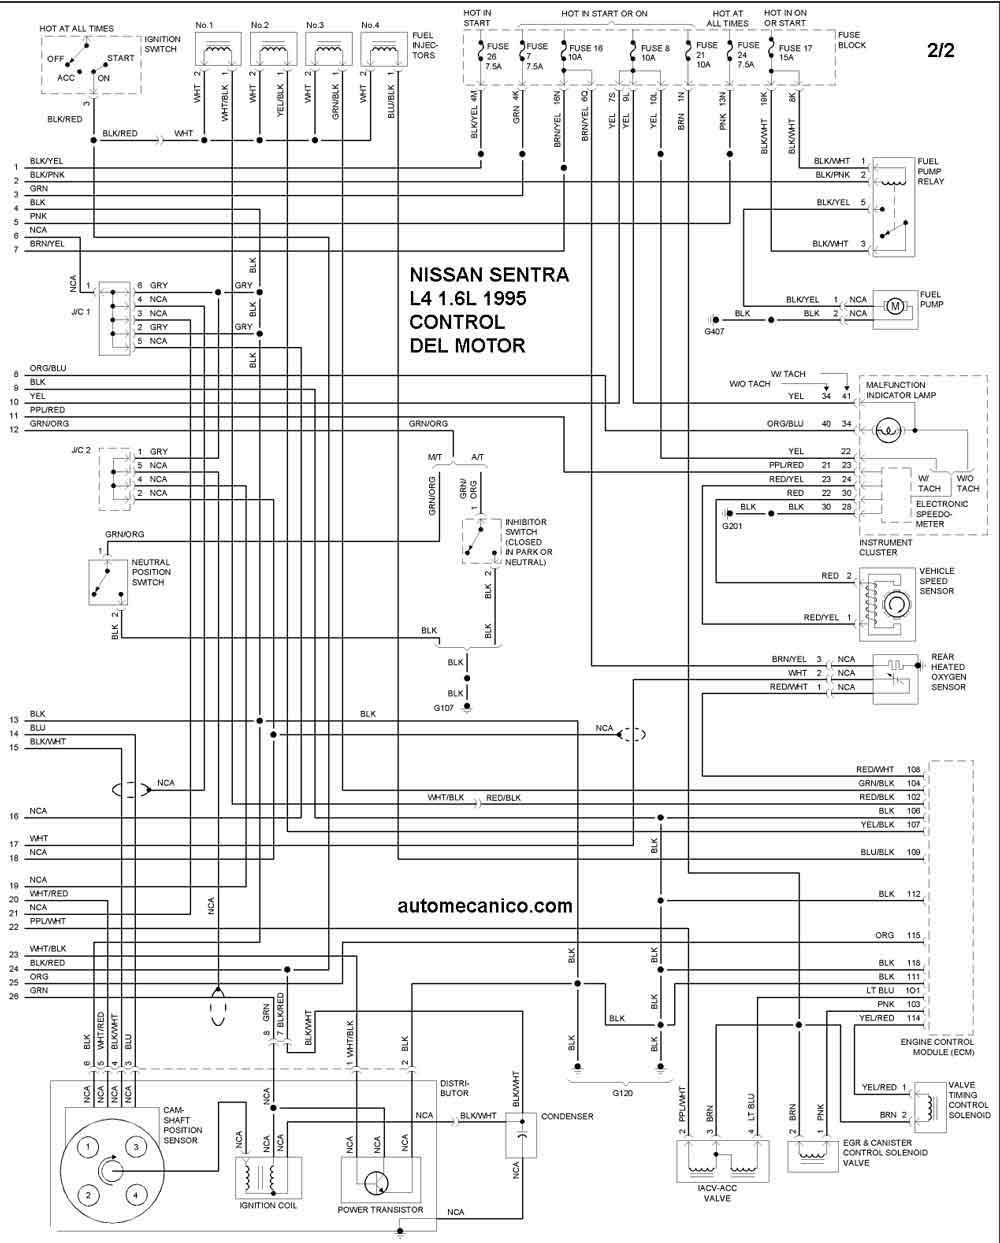 nissan 1995 - diagramas control del motor - graphics - esquemas